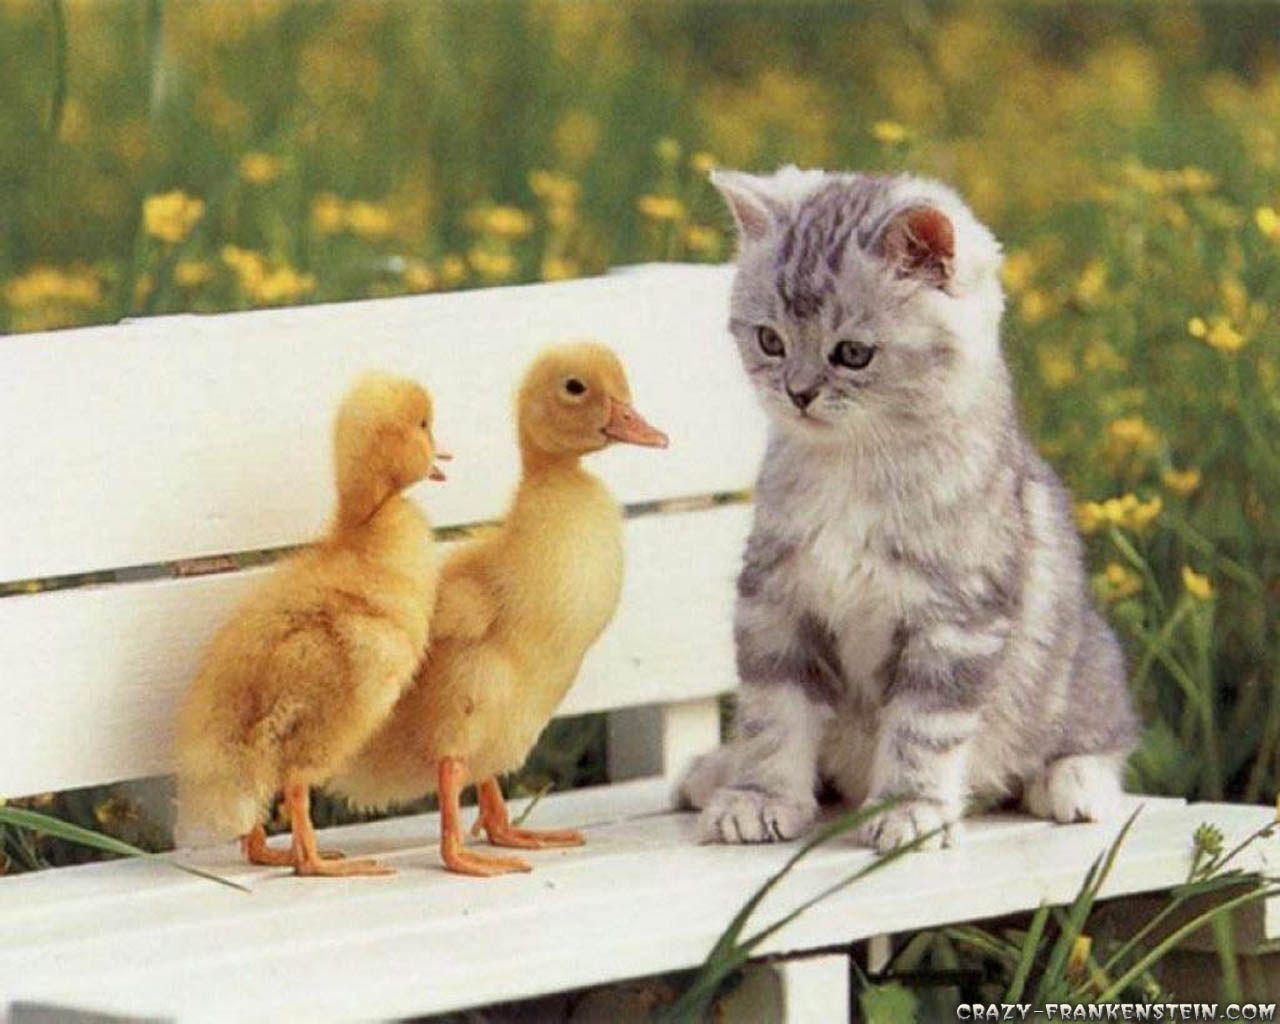 1280x1024 Hình ảnh Hello Kitty: Hình nền Mèo con dễ thương với